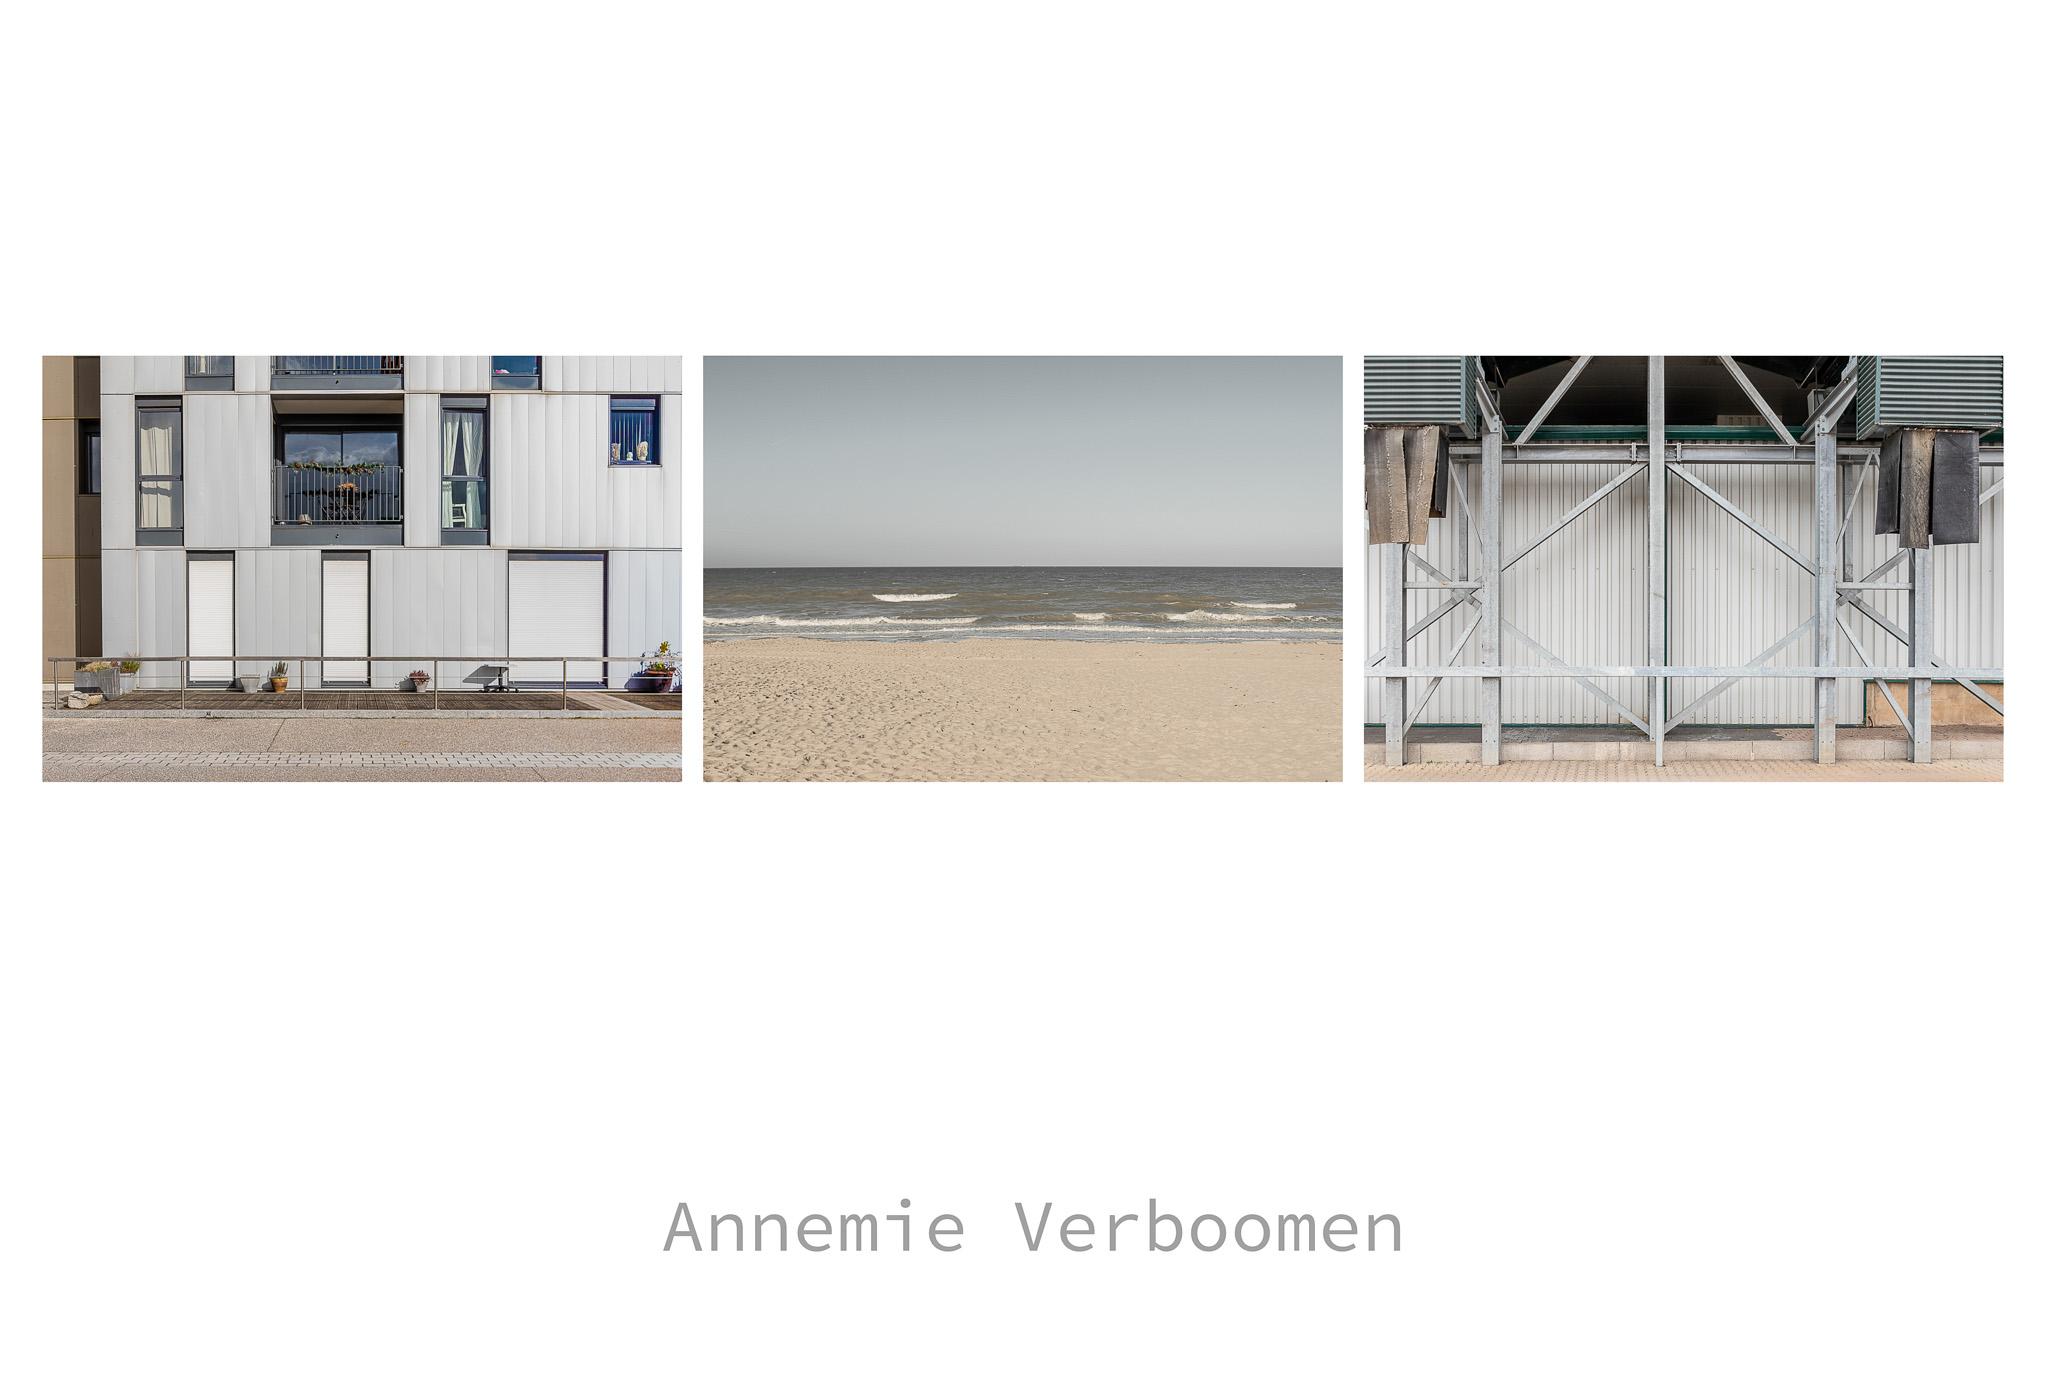 Annemie Verboomen - laag contrast